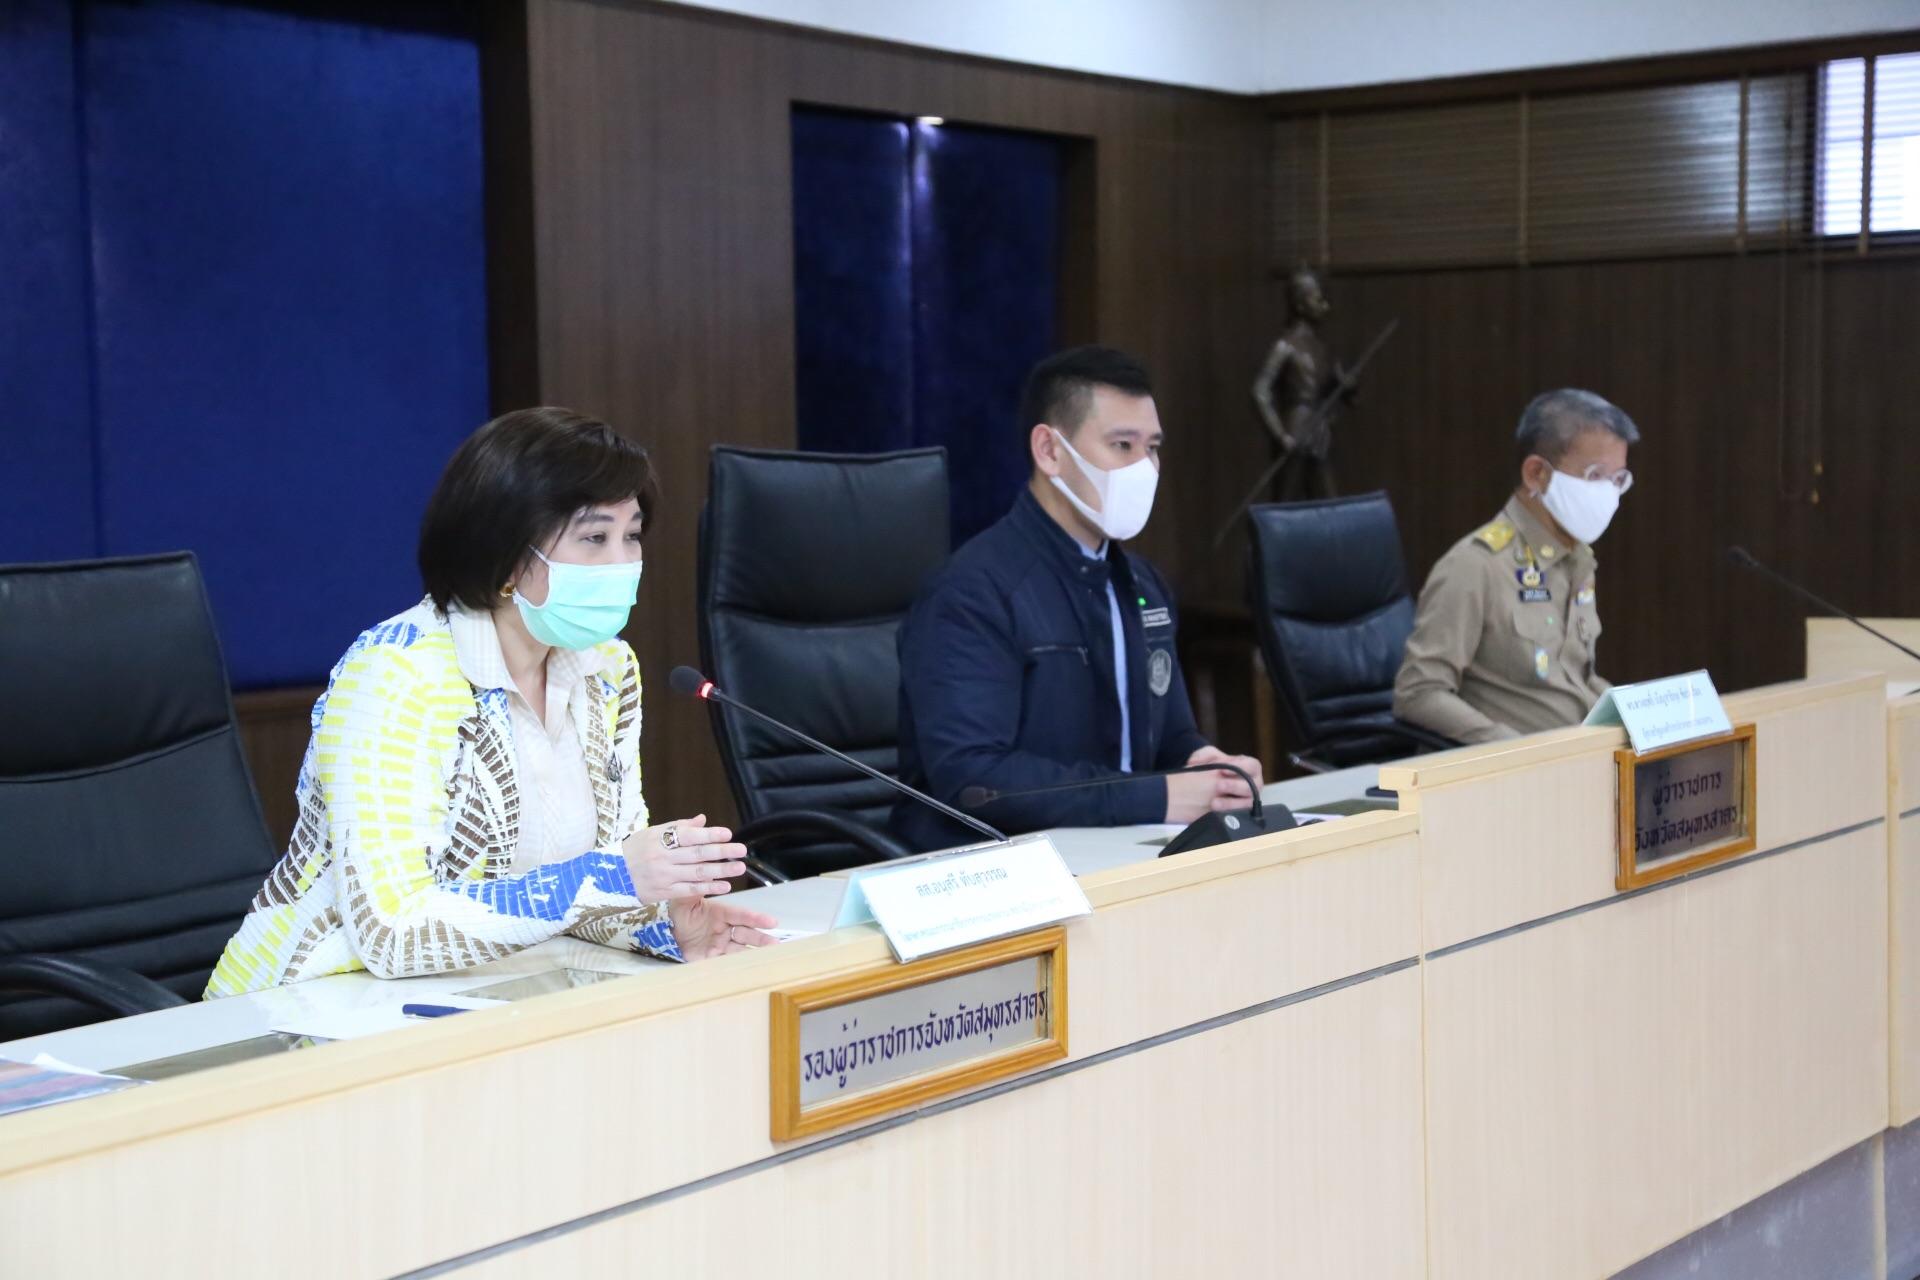 กระทรวงแรงงานร่วมกับสภากาชาดไทย ลงพื้นที่ป้องกันการแพร่ระบาดของเชื้อไวรัส COVID – 19  แก่แรงงานต่างด้าวในจังหวัดสมุทรสาคร